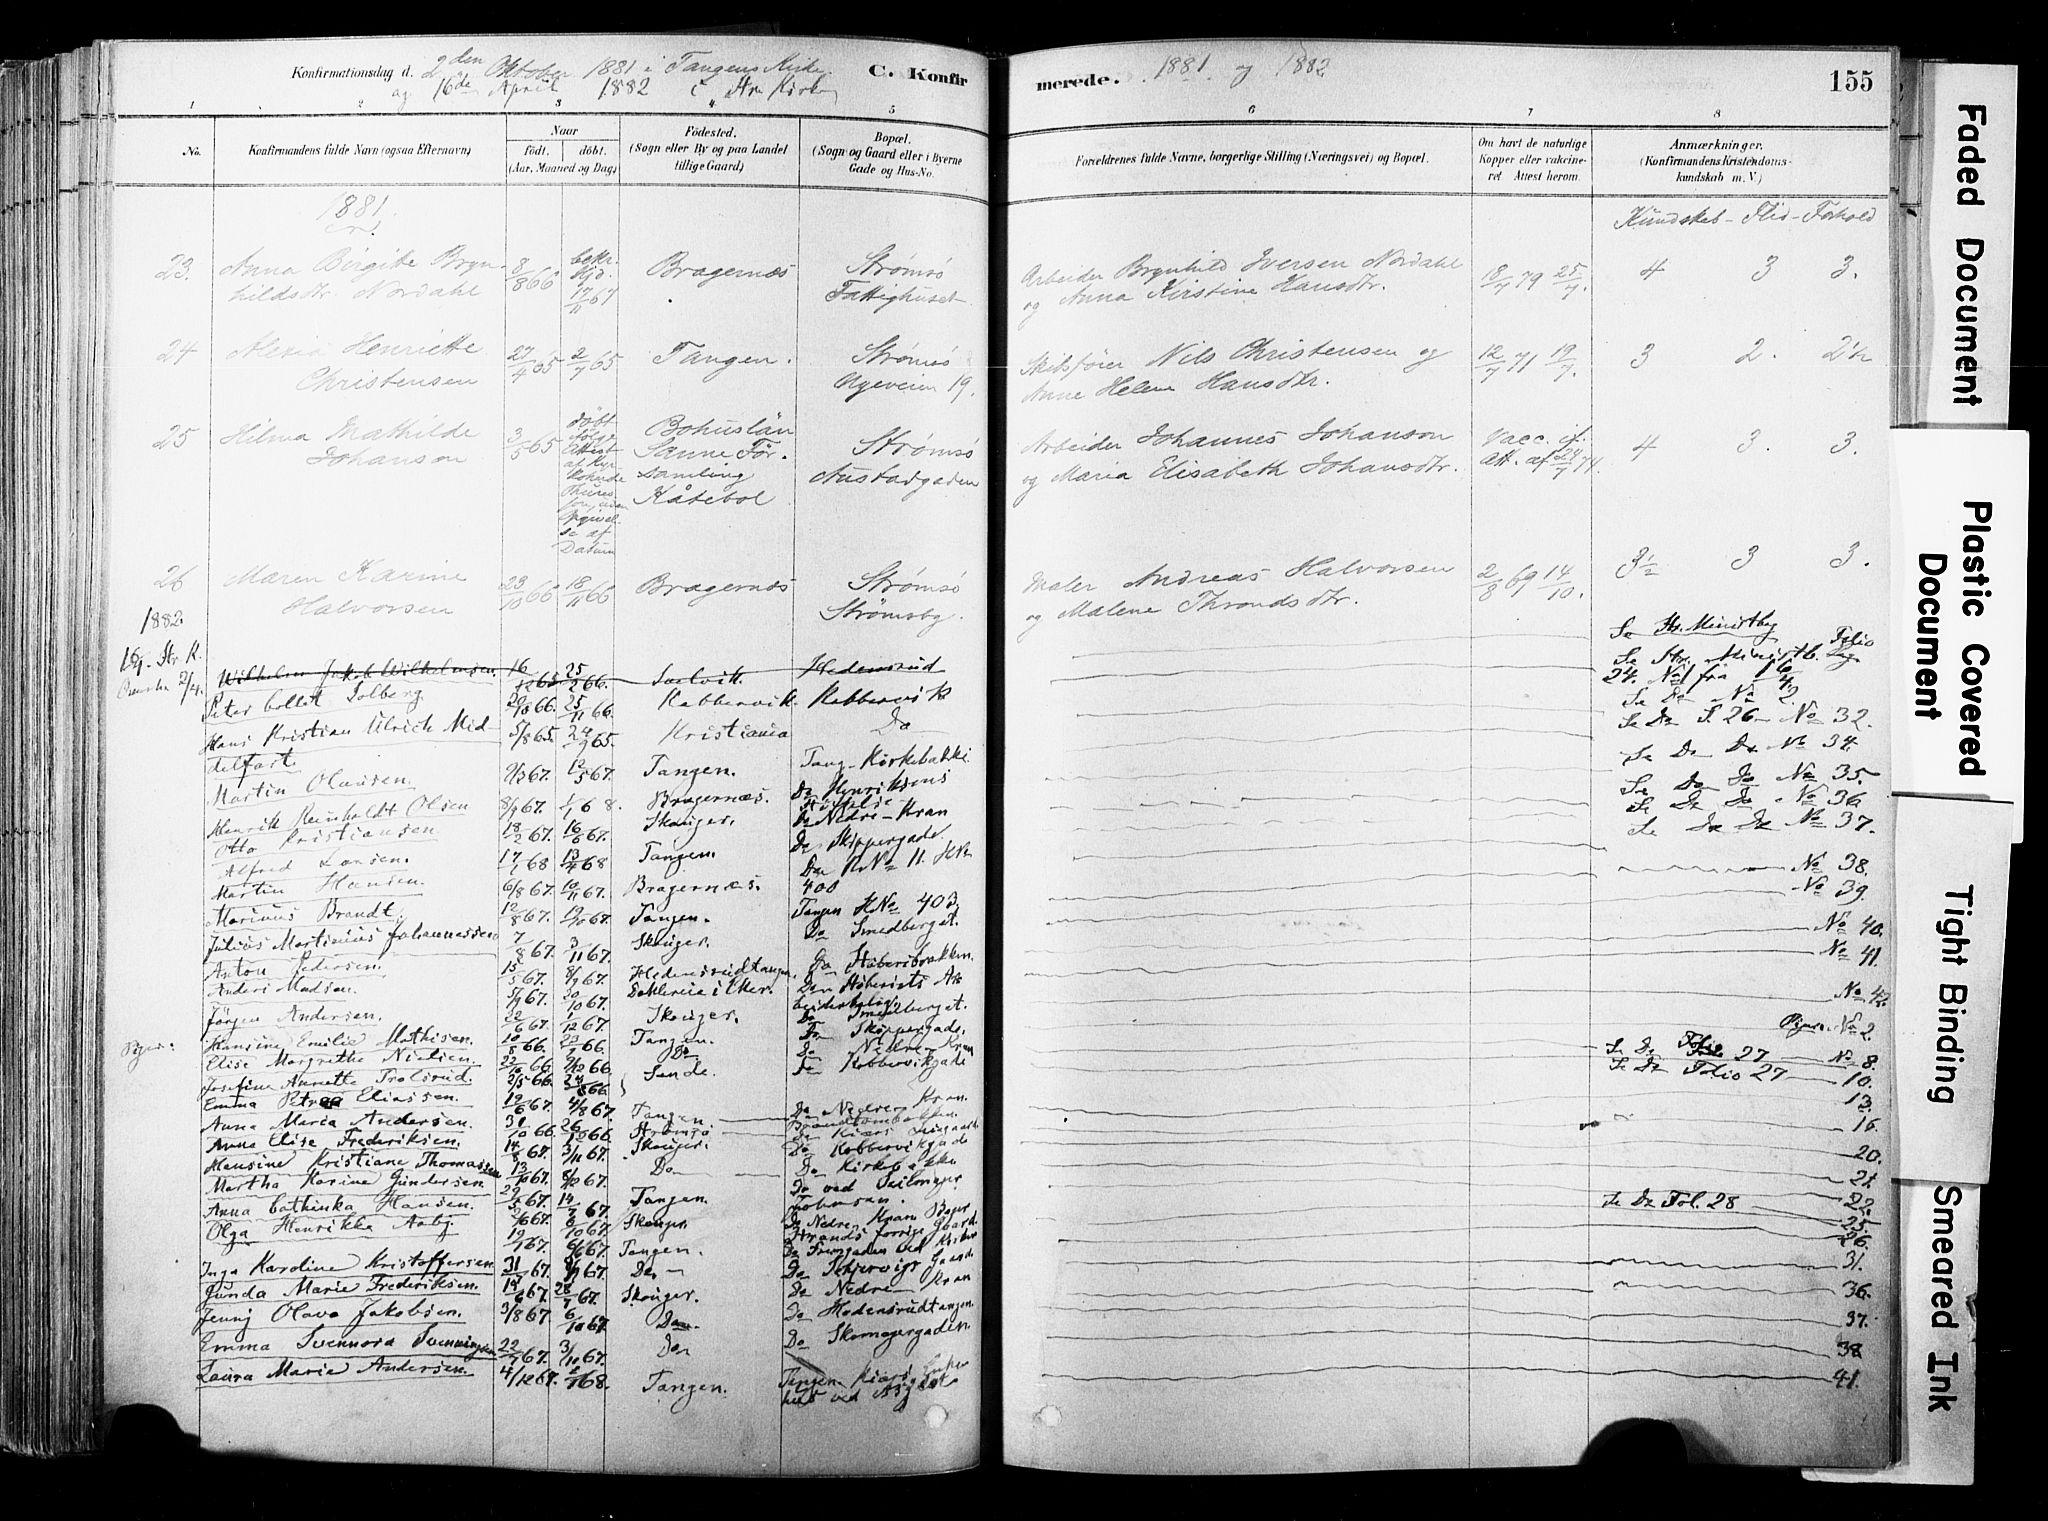 SAKO, Strømsø kirkebøker, F/Fb/L0006: Ministerialbok nr. II 6, 1879-1910, s. 155